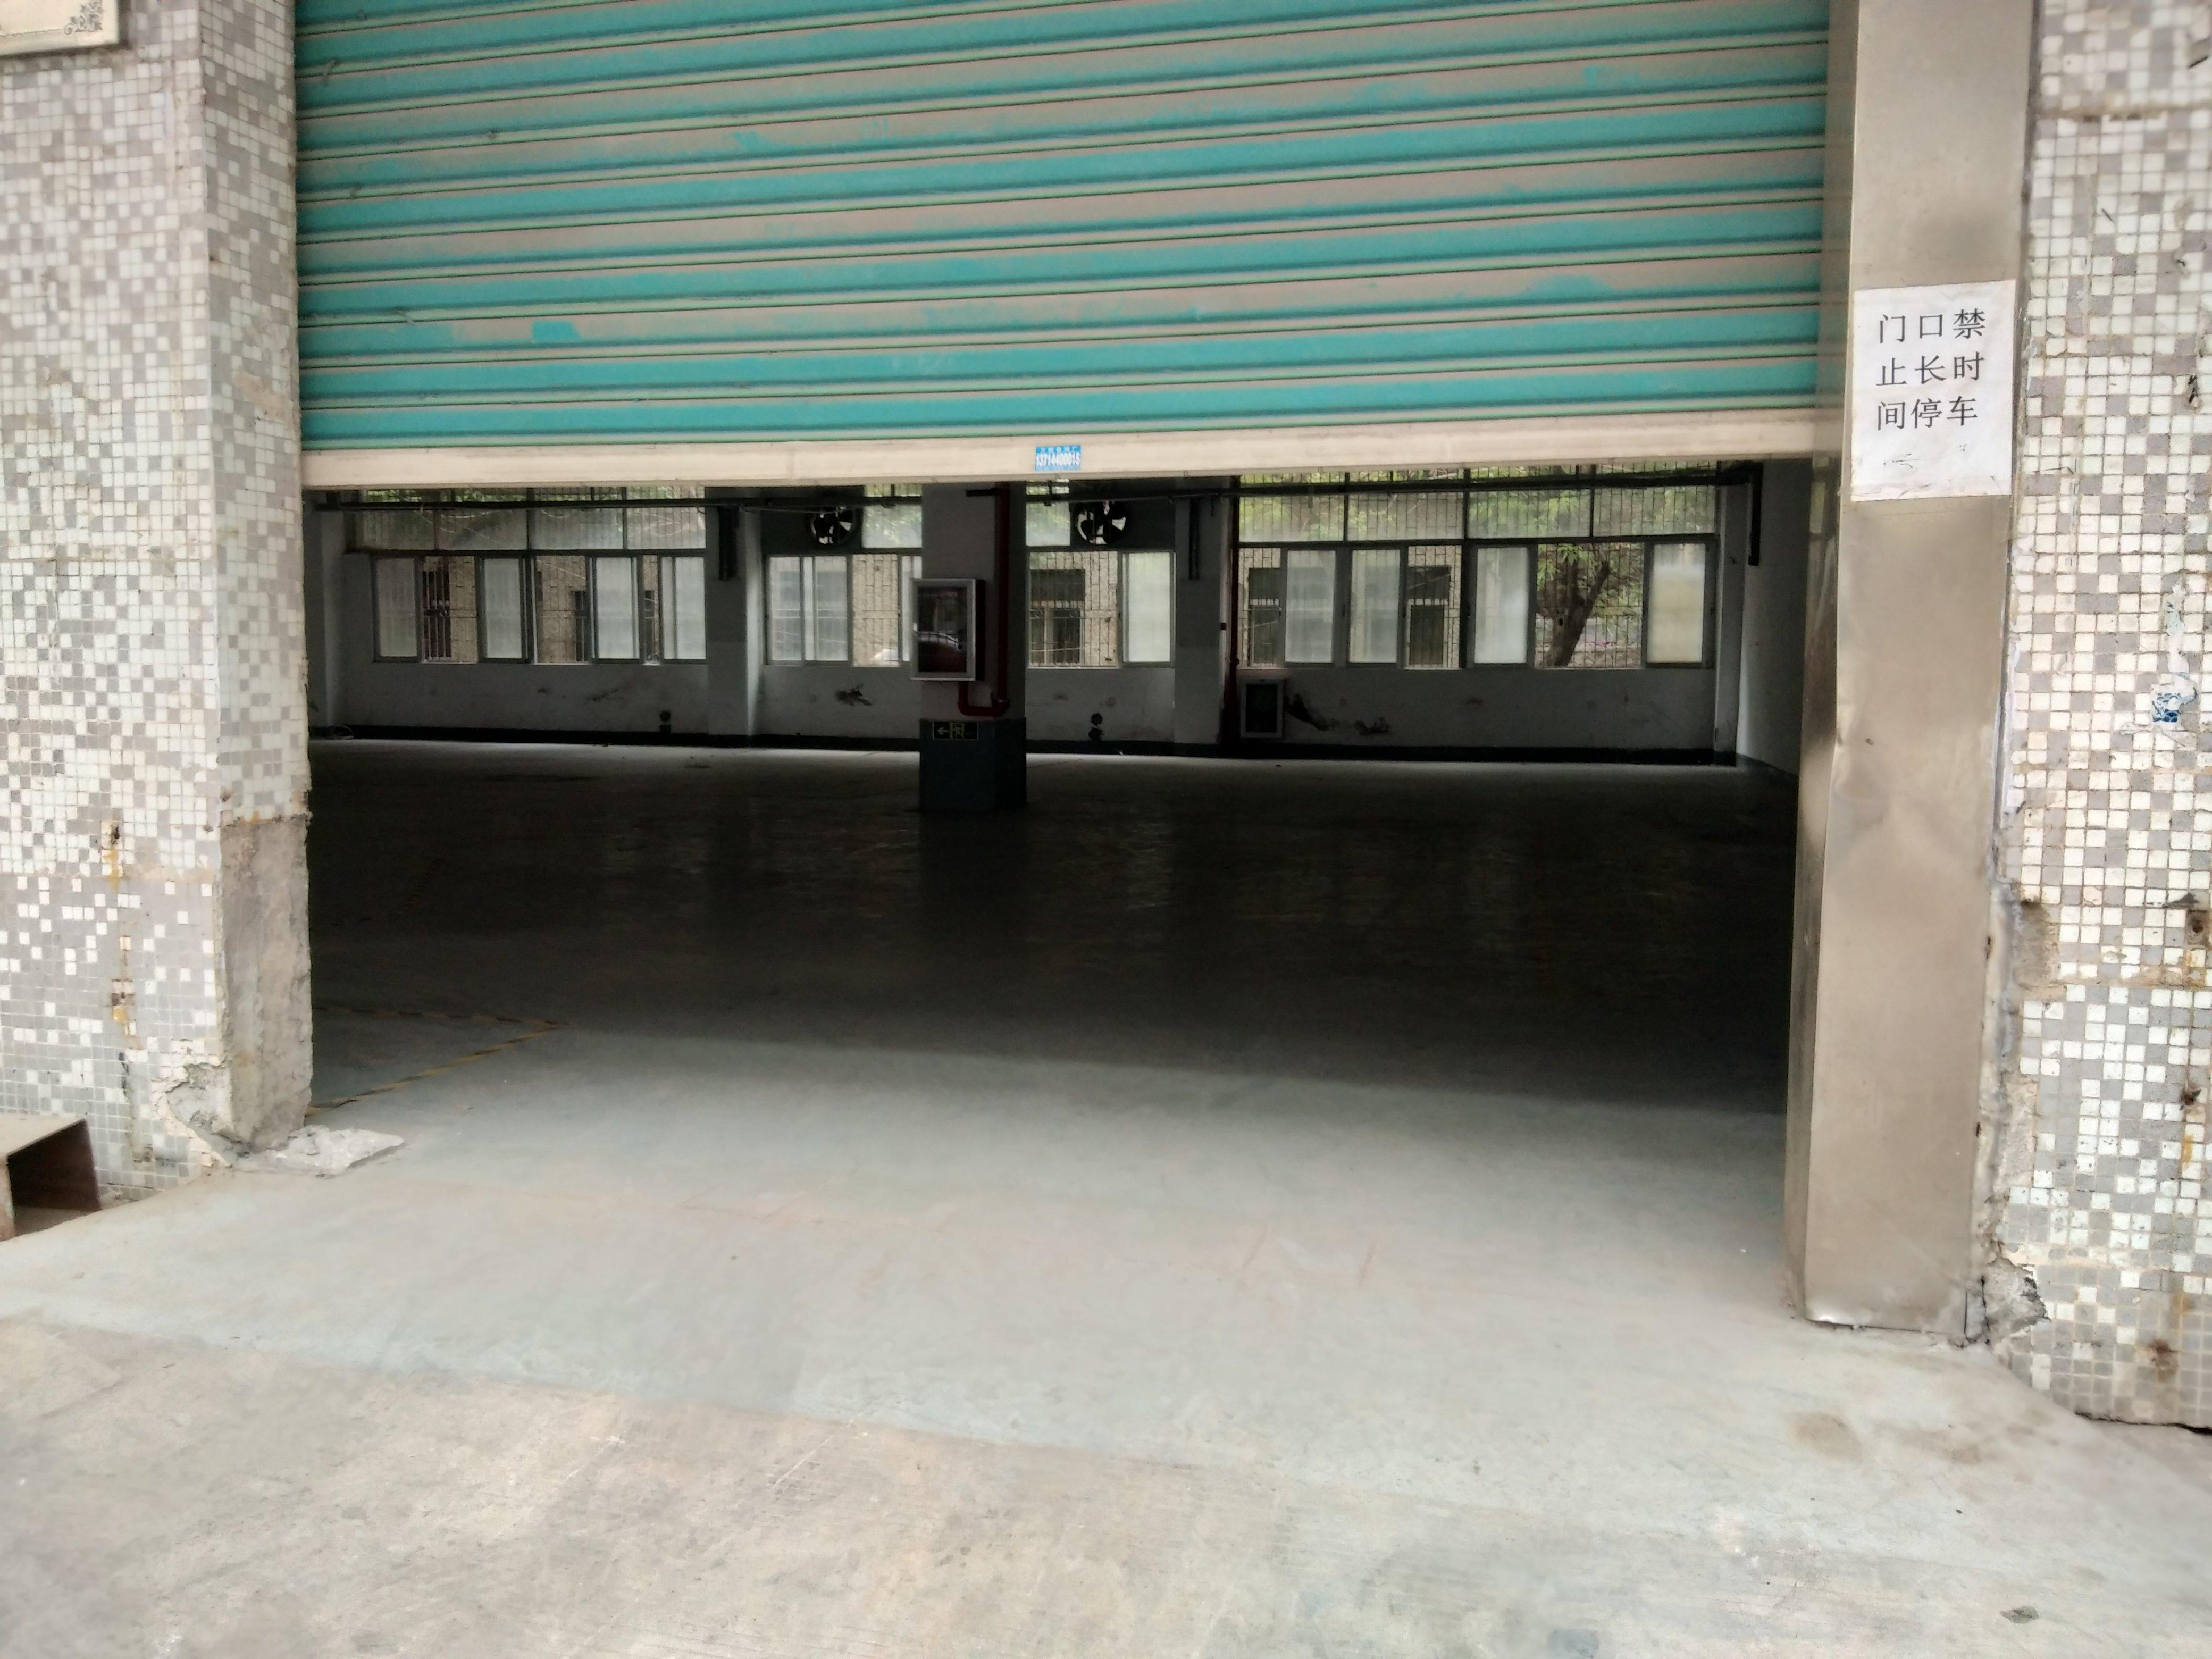 福永107国道边一楼650平物流仓库出租